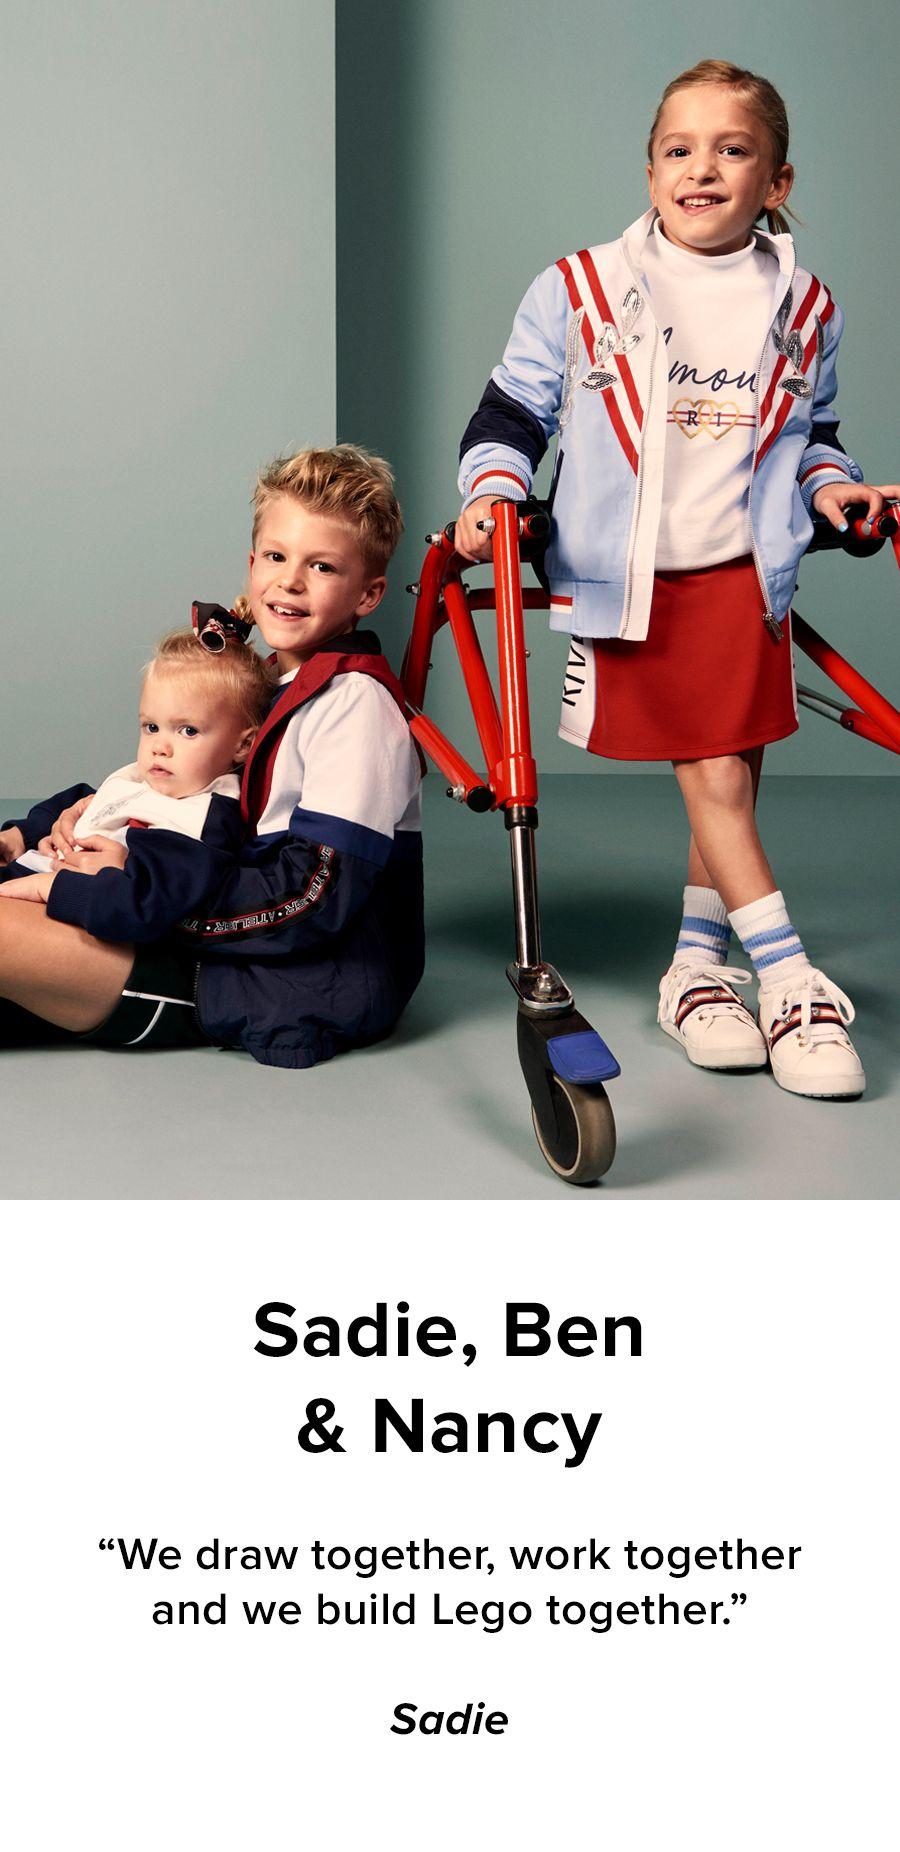 Sadie, Ben & Nancy